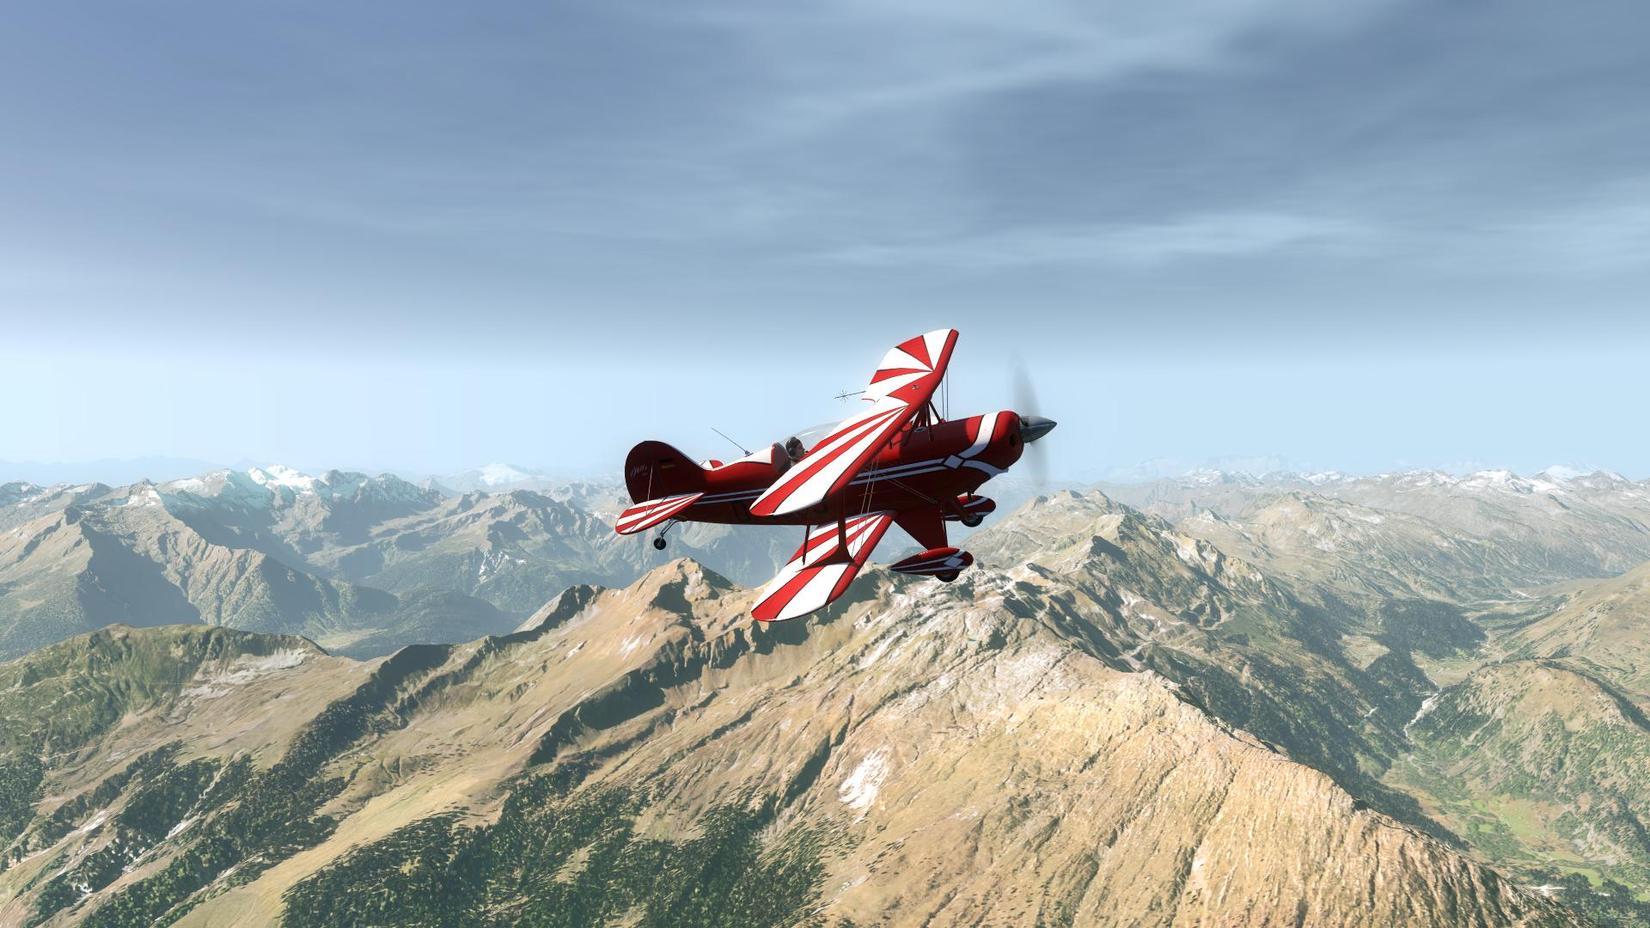 Aerofly FS RELOADED